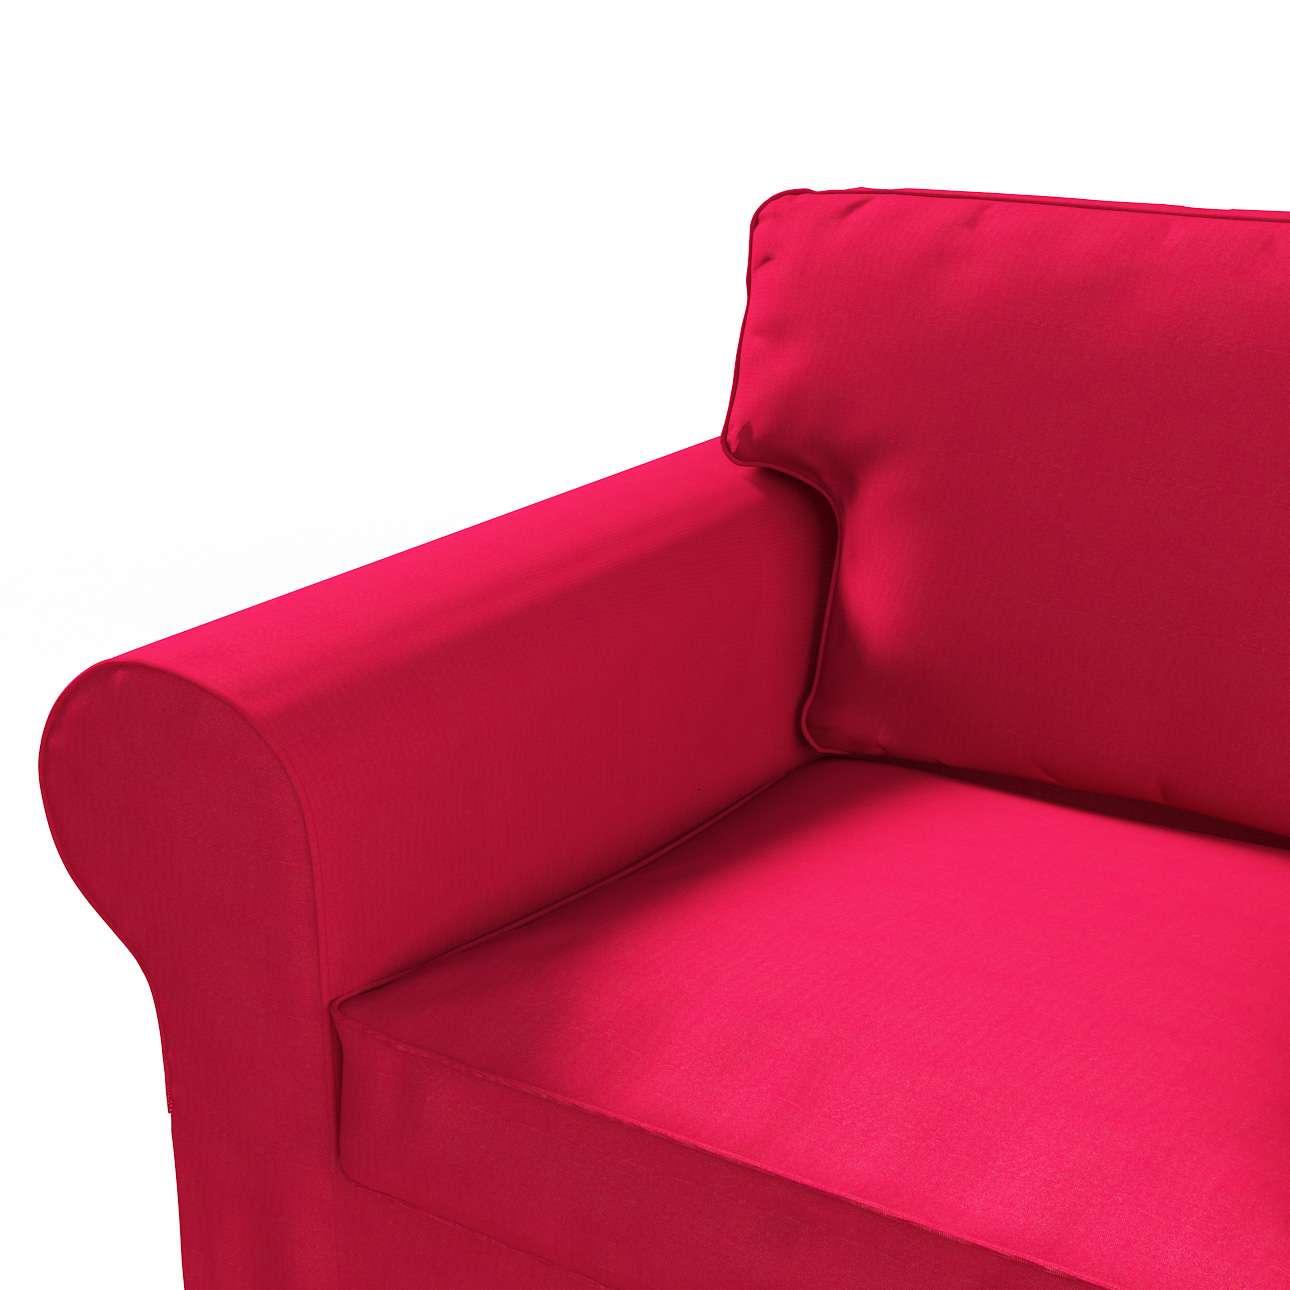 Pokrowiec na sofę Ektorp 2-osobową rozkładaną, model po 2012 w kolekcji Etna, tkanina: 705-60